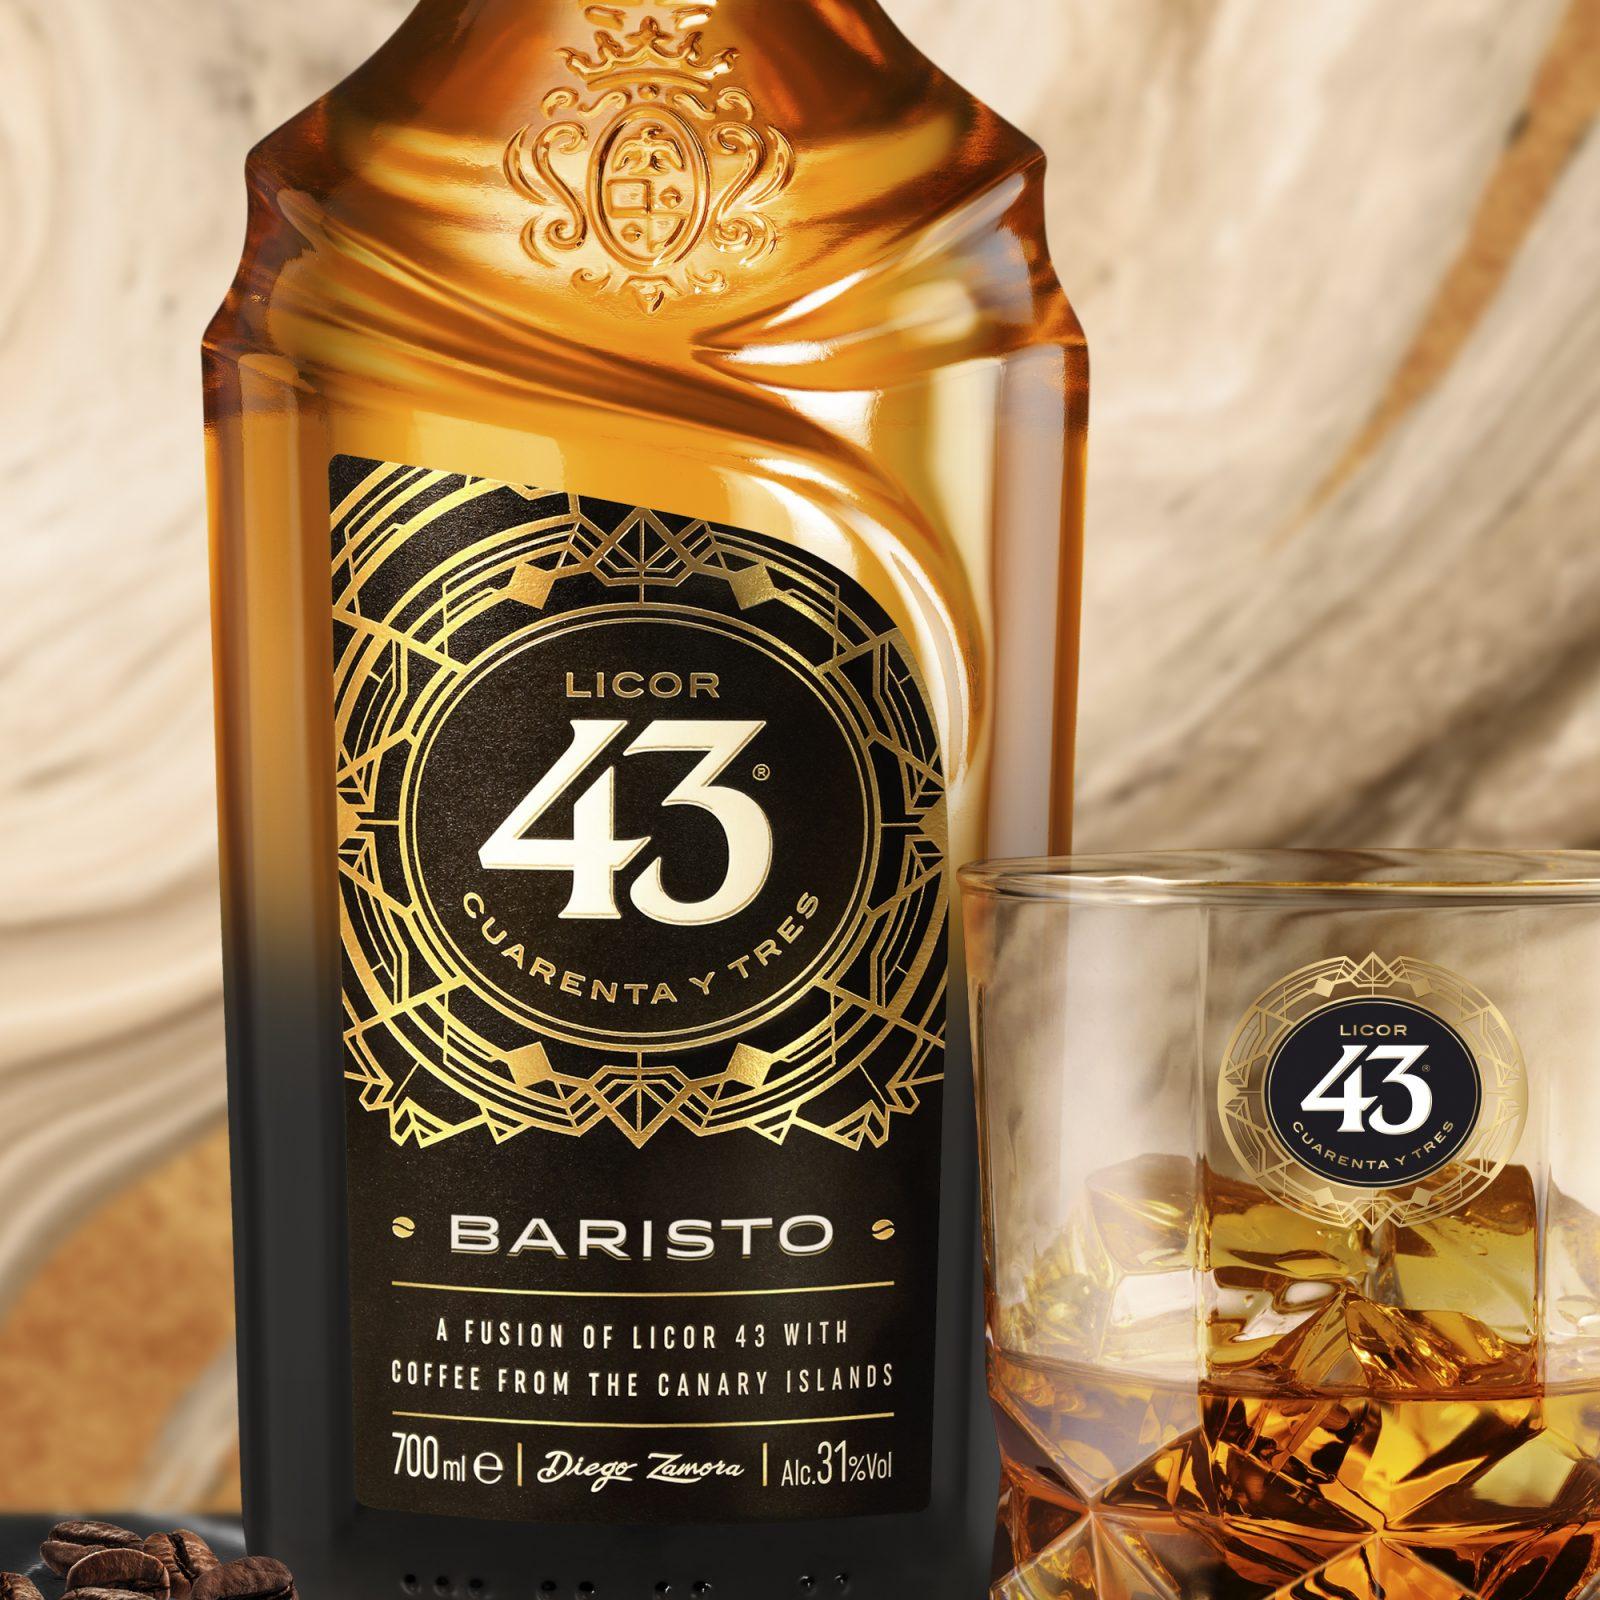 WIR PRÄSENTIEREN: LICOR43 BARISTO